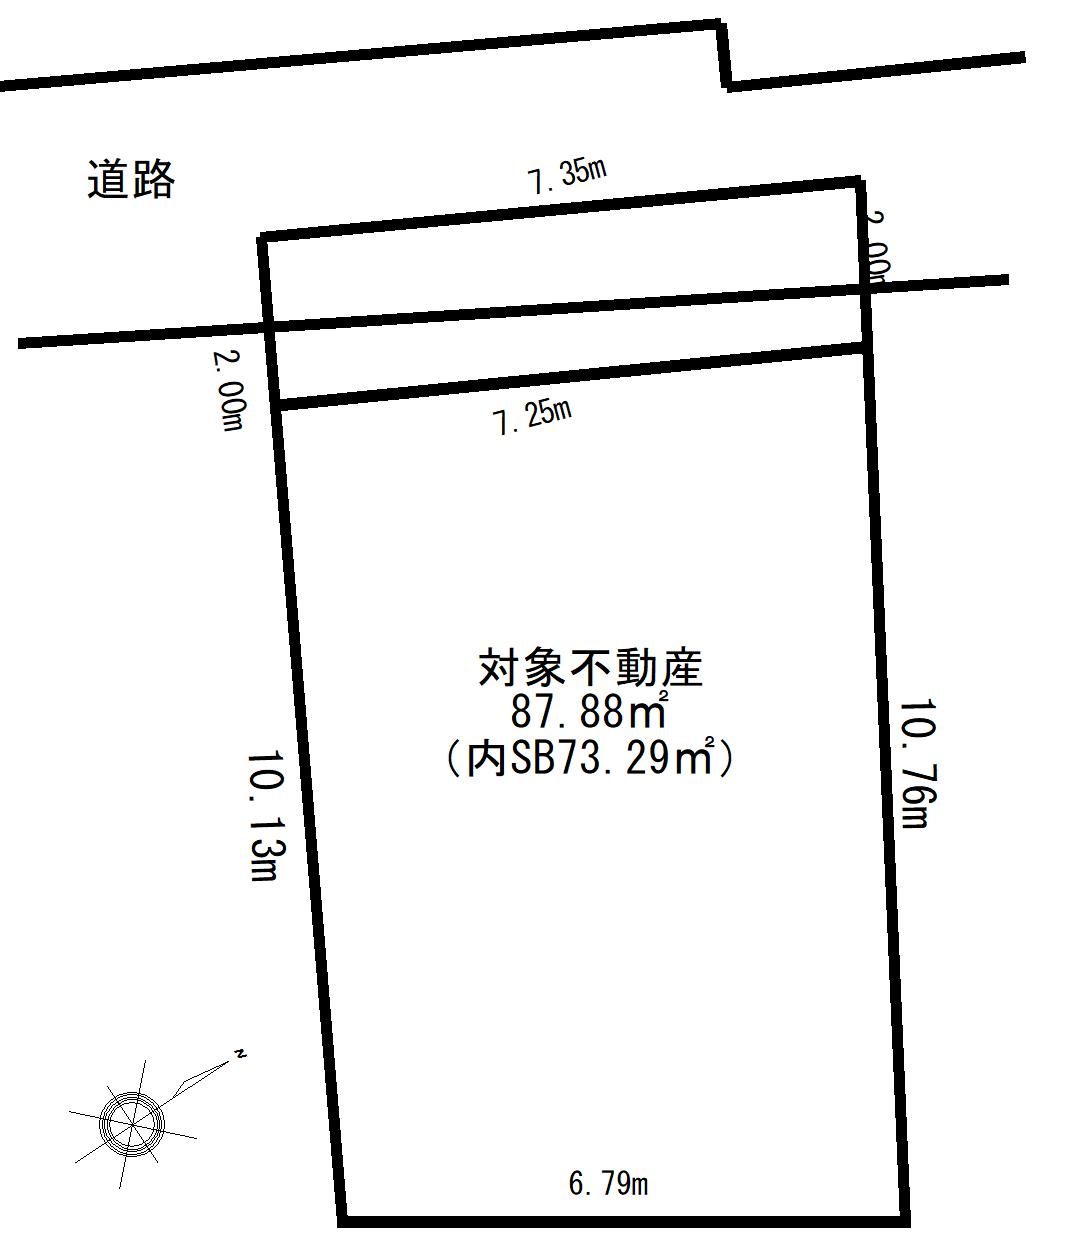 【☆売主物件☆】渋谷区上原3丁目 売地-間取り